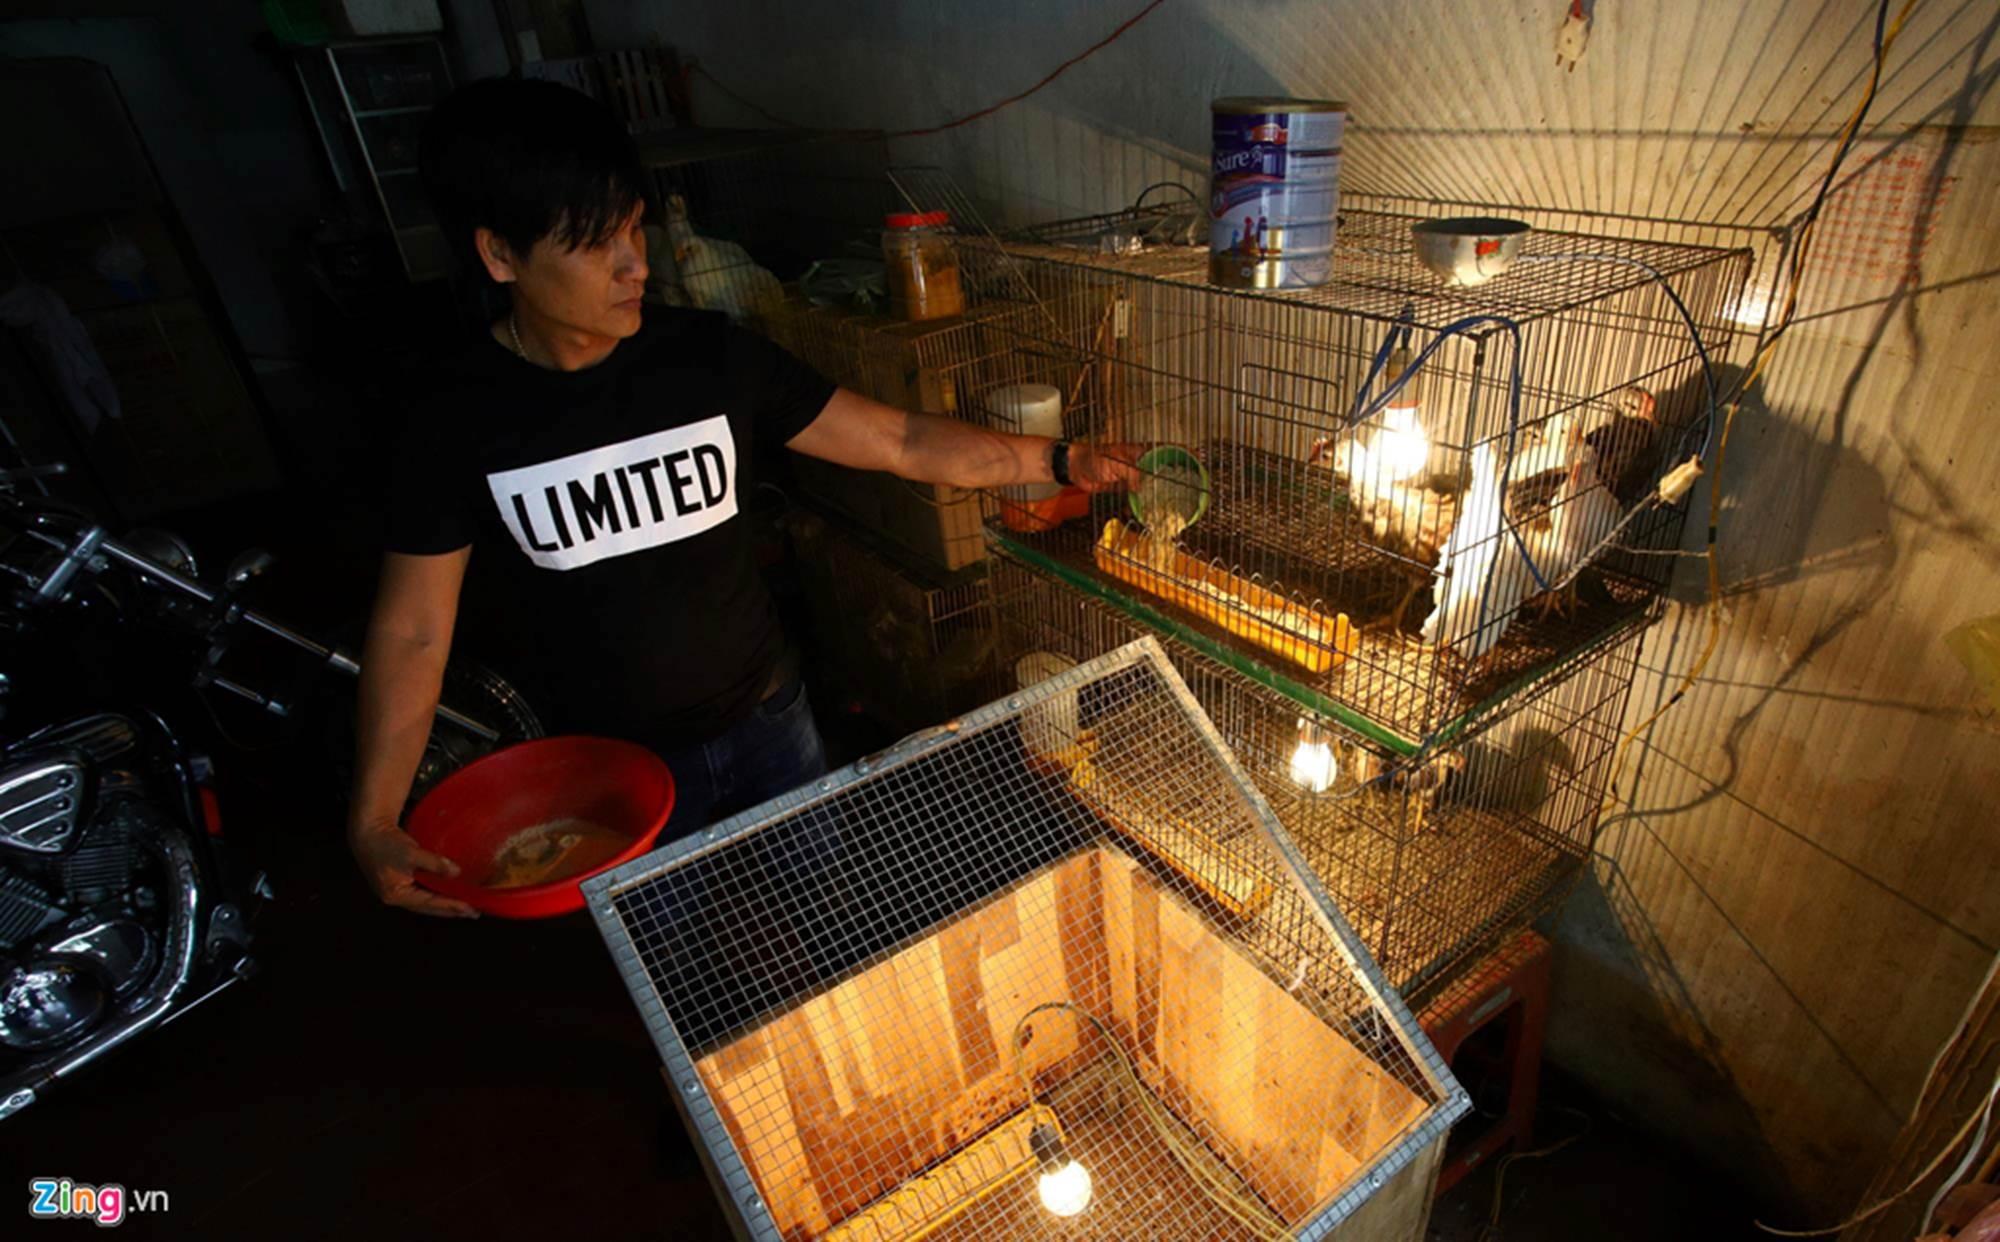 Bán gà đo đuôi tính tiền, giá trăm triệu mỗi con ở Tây Ninh-11